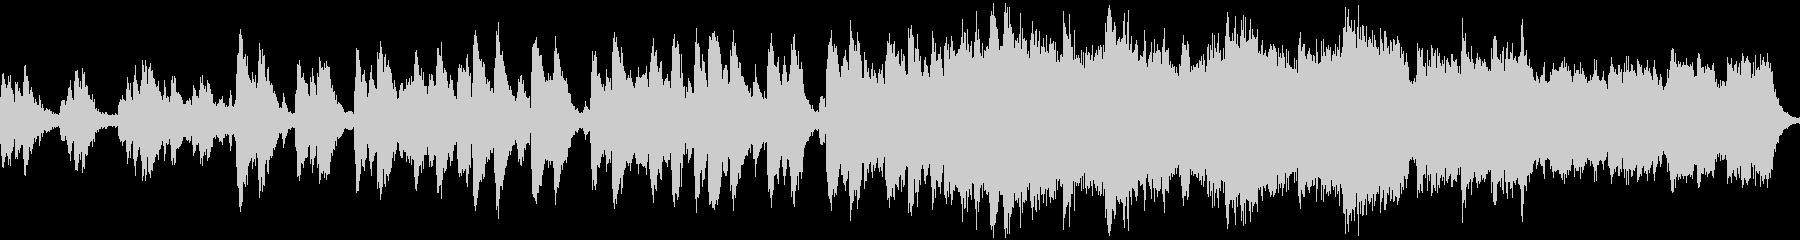 オーケストラ楽器。魔法のファンタジ...の未再生の波形